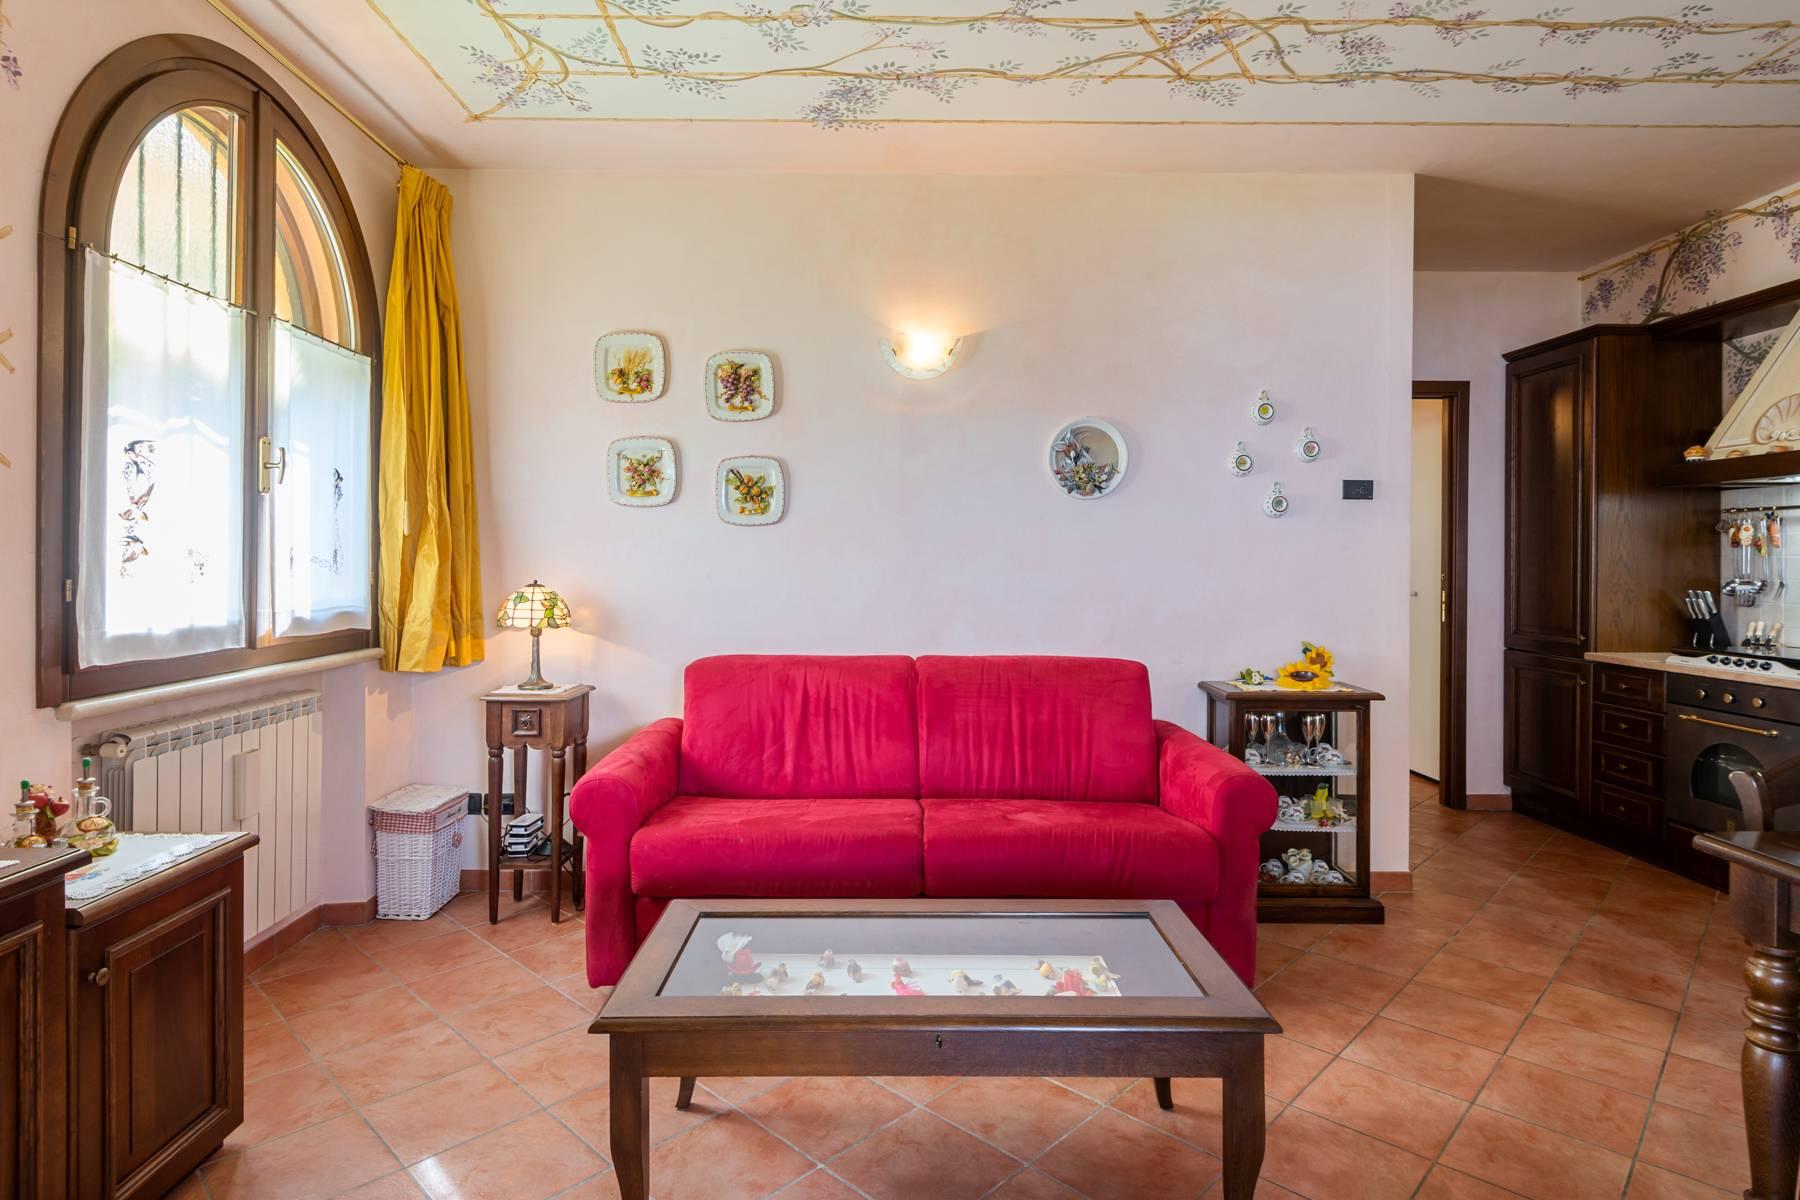 Casa indipendente in Vendita a Toscolano-Maderno: 4 locali, 76 mq - Foto 8